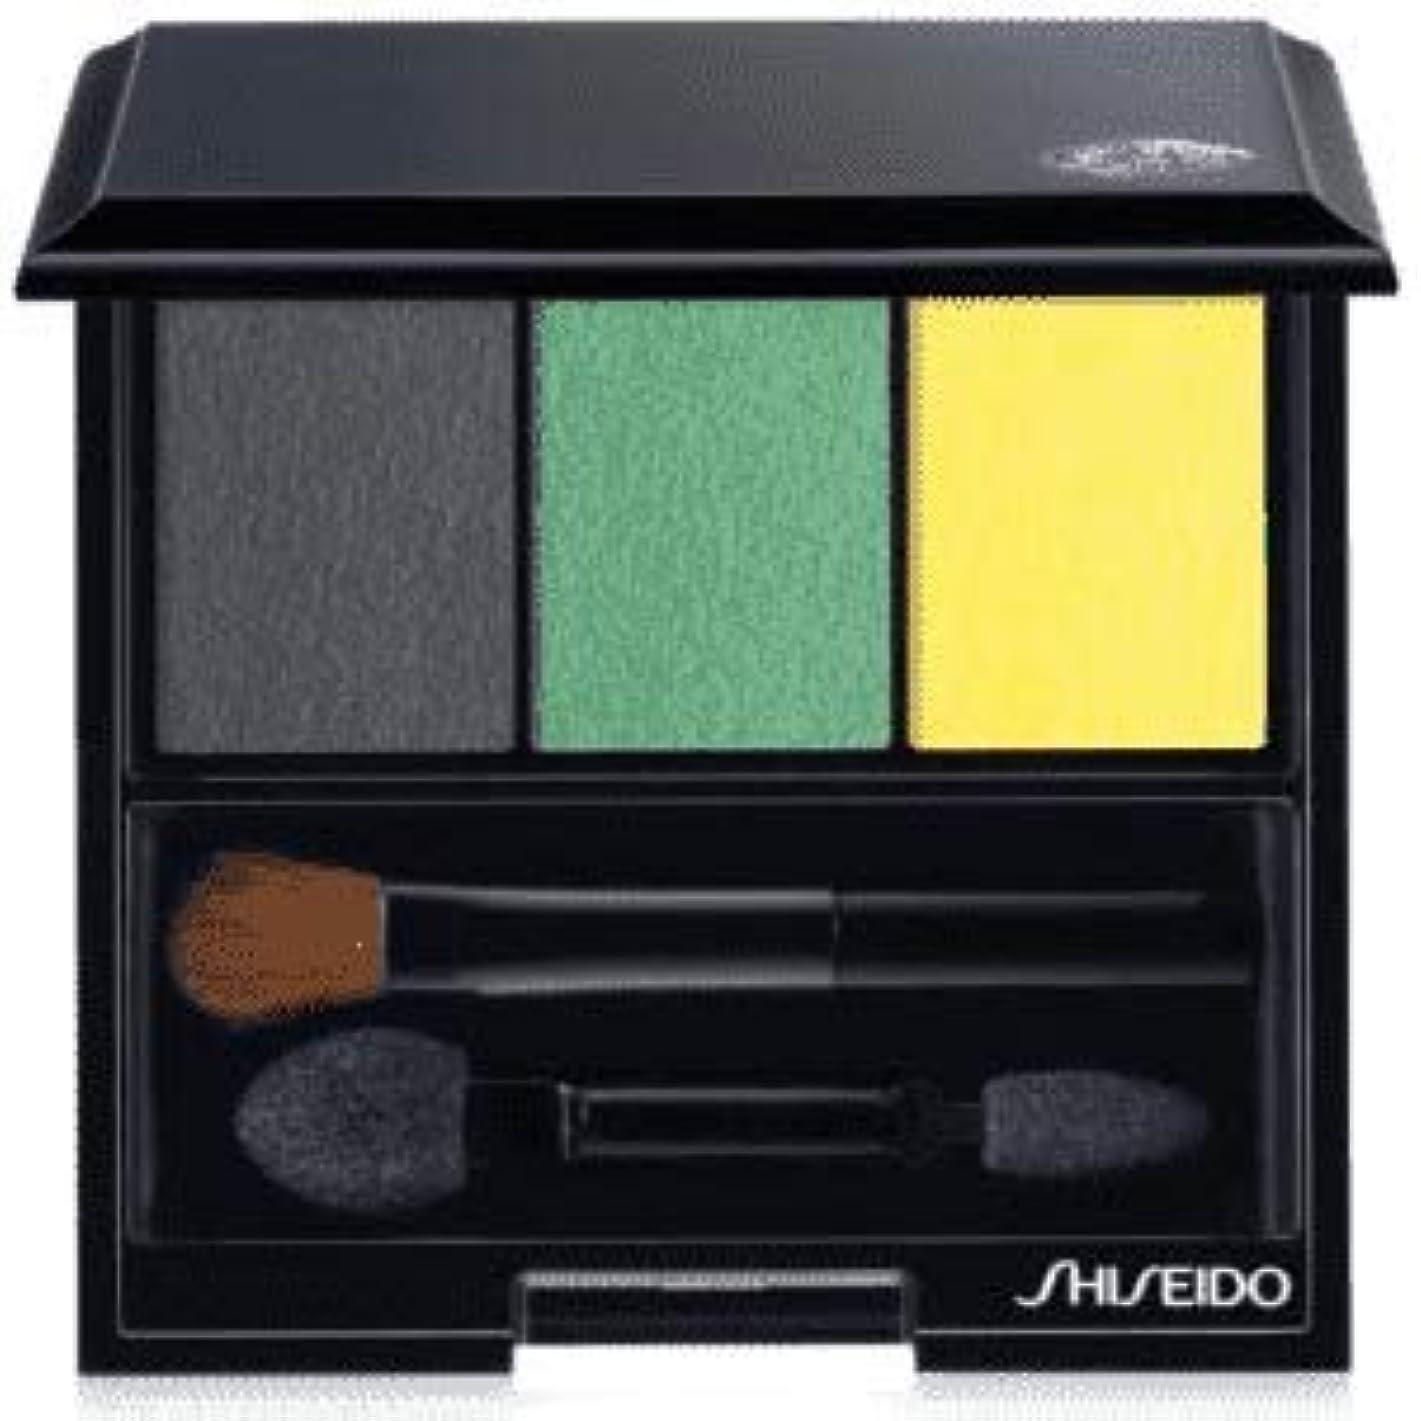 ヒギンズ主張する冷酷な資生堂 ルミナイジング サテン アイカラー トリオ GR716(Shiseido Luminizing Satin Eye Color Trio GR716) [並行輸入品]